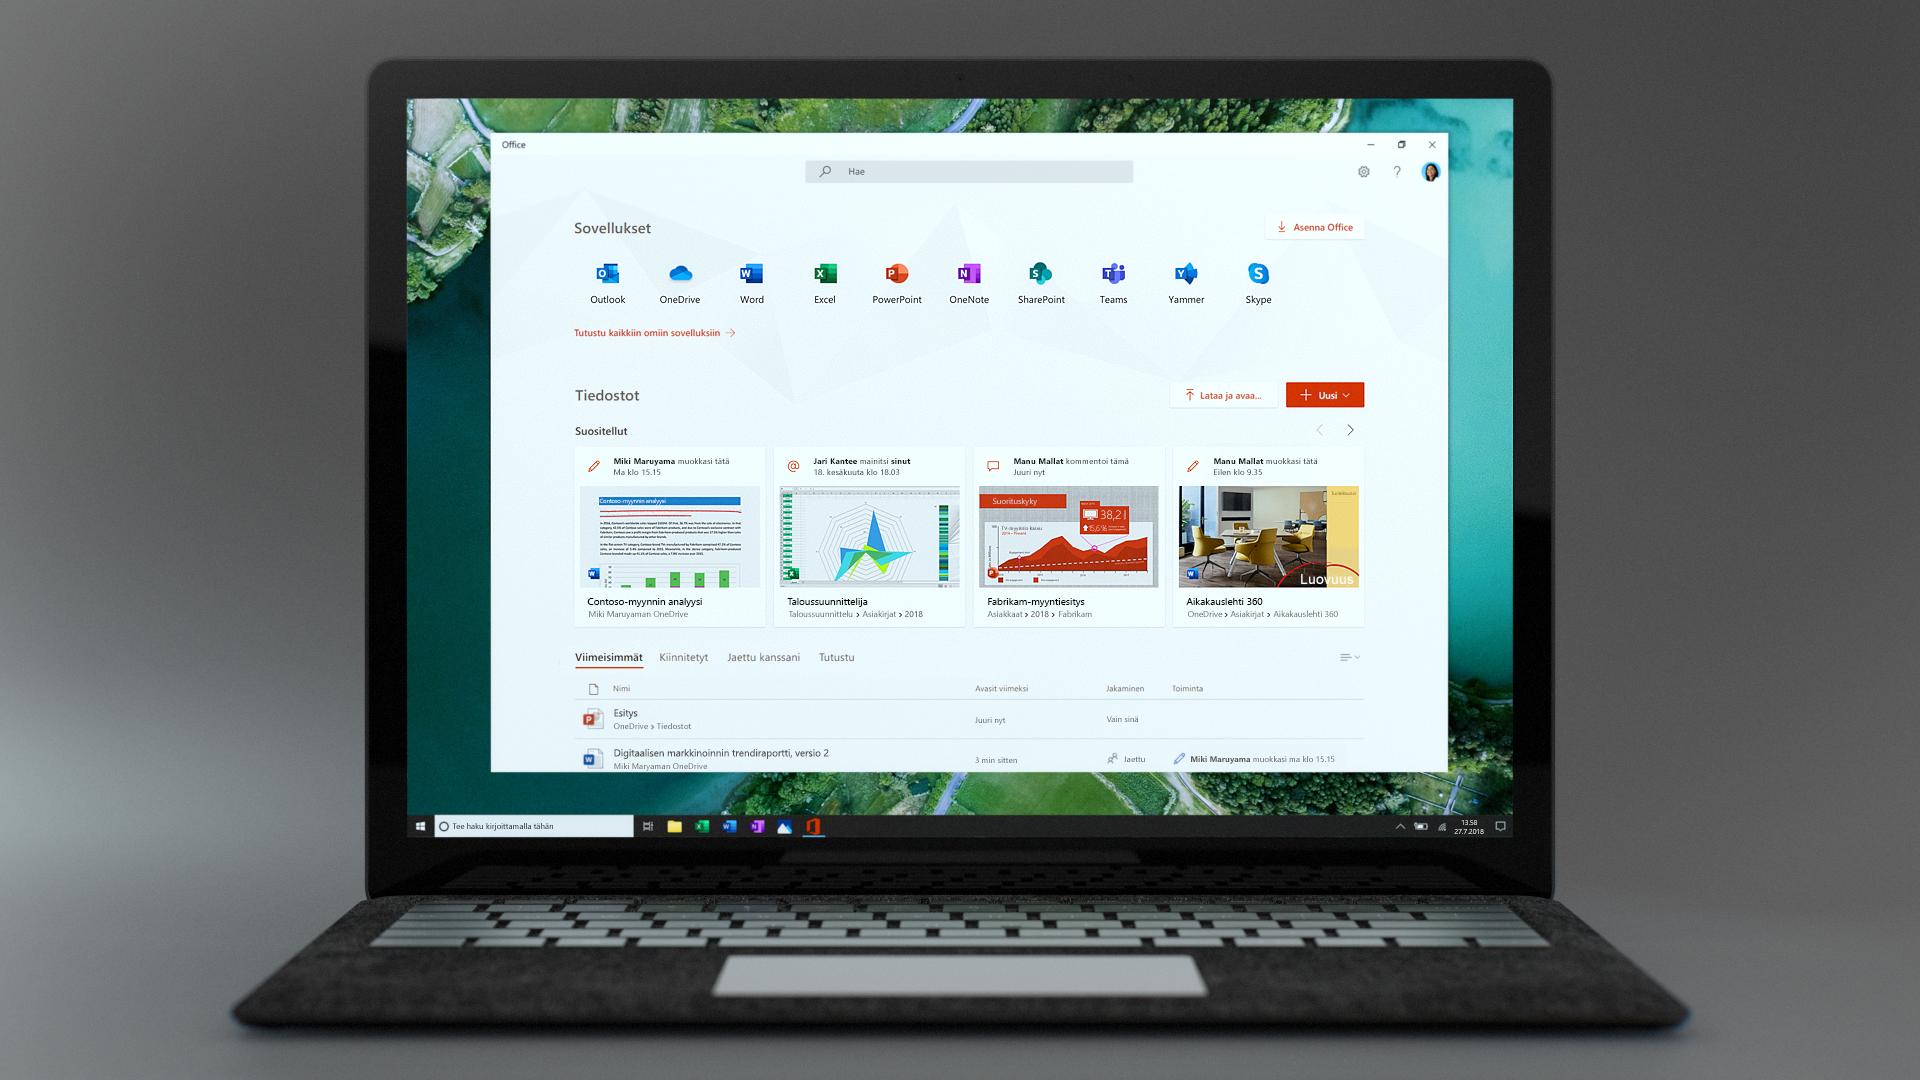 Kuva avoimena olevasta kannettavasta tietokoneesta, jonka näytöllä näkyy uusi Office-sovellus.